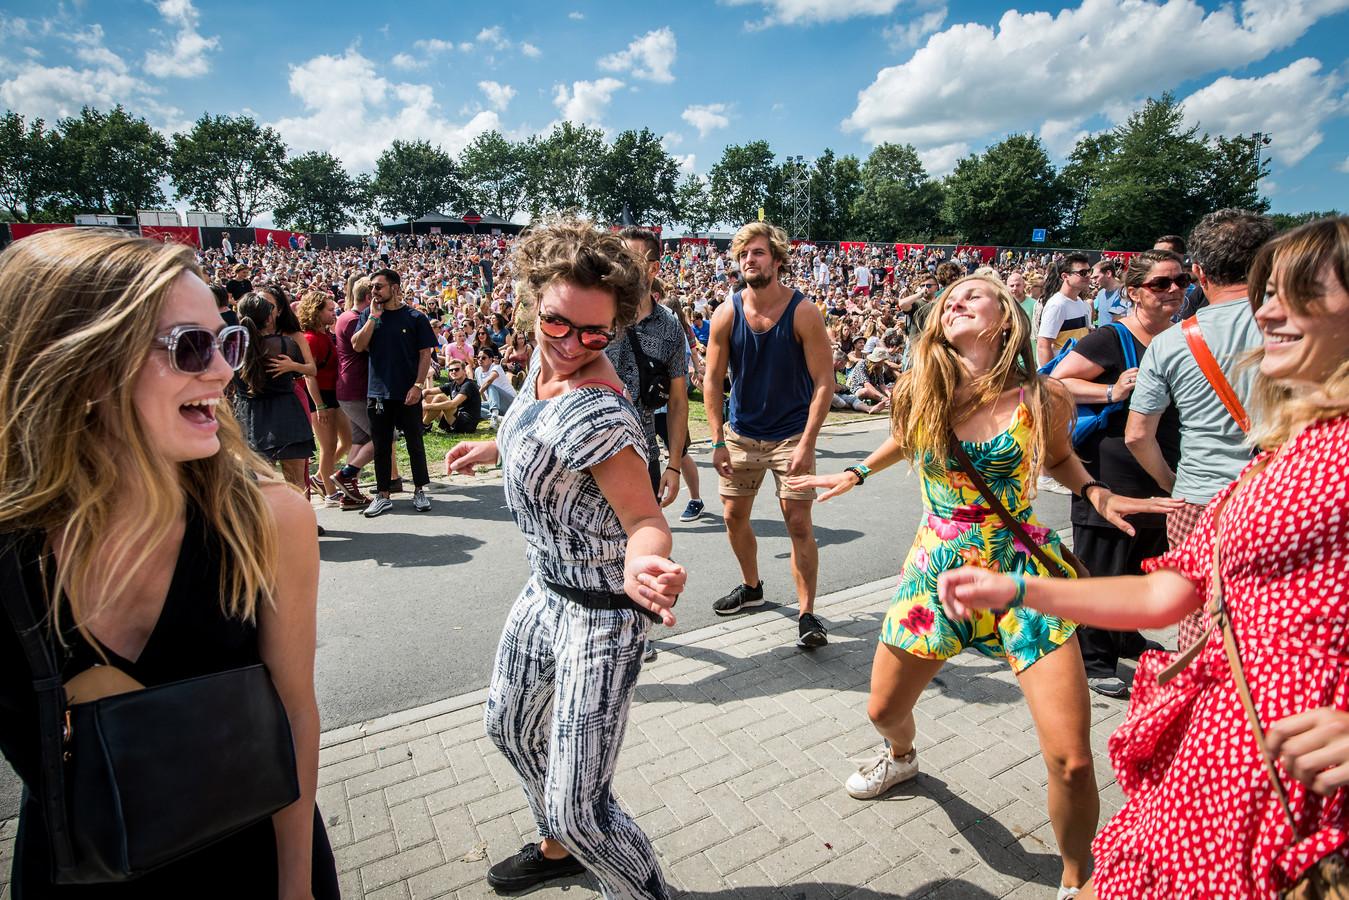 Festivalgangers tijdens de eerste dag van Lowlands in 2018.